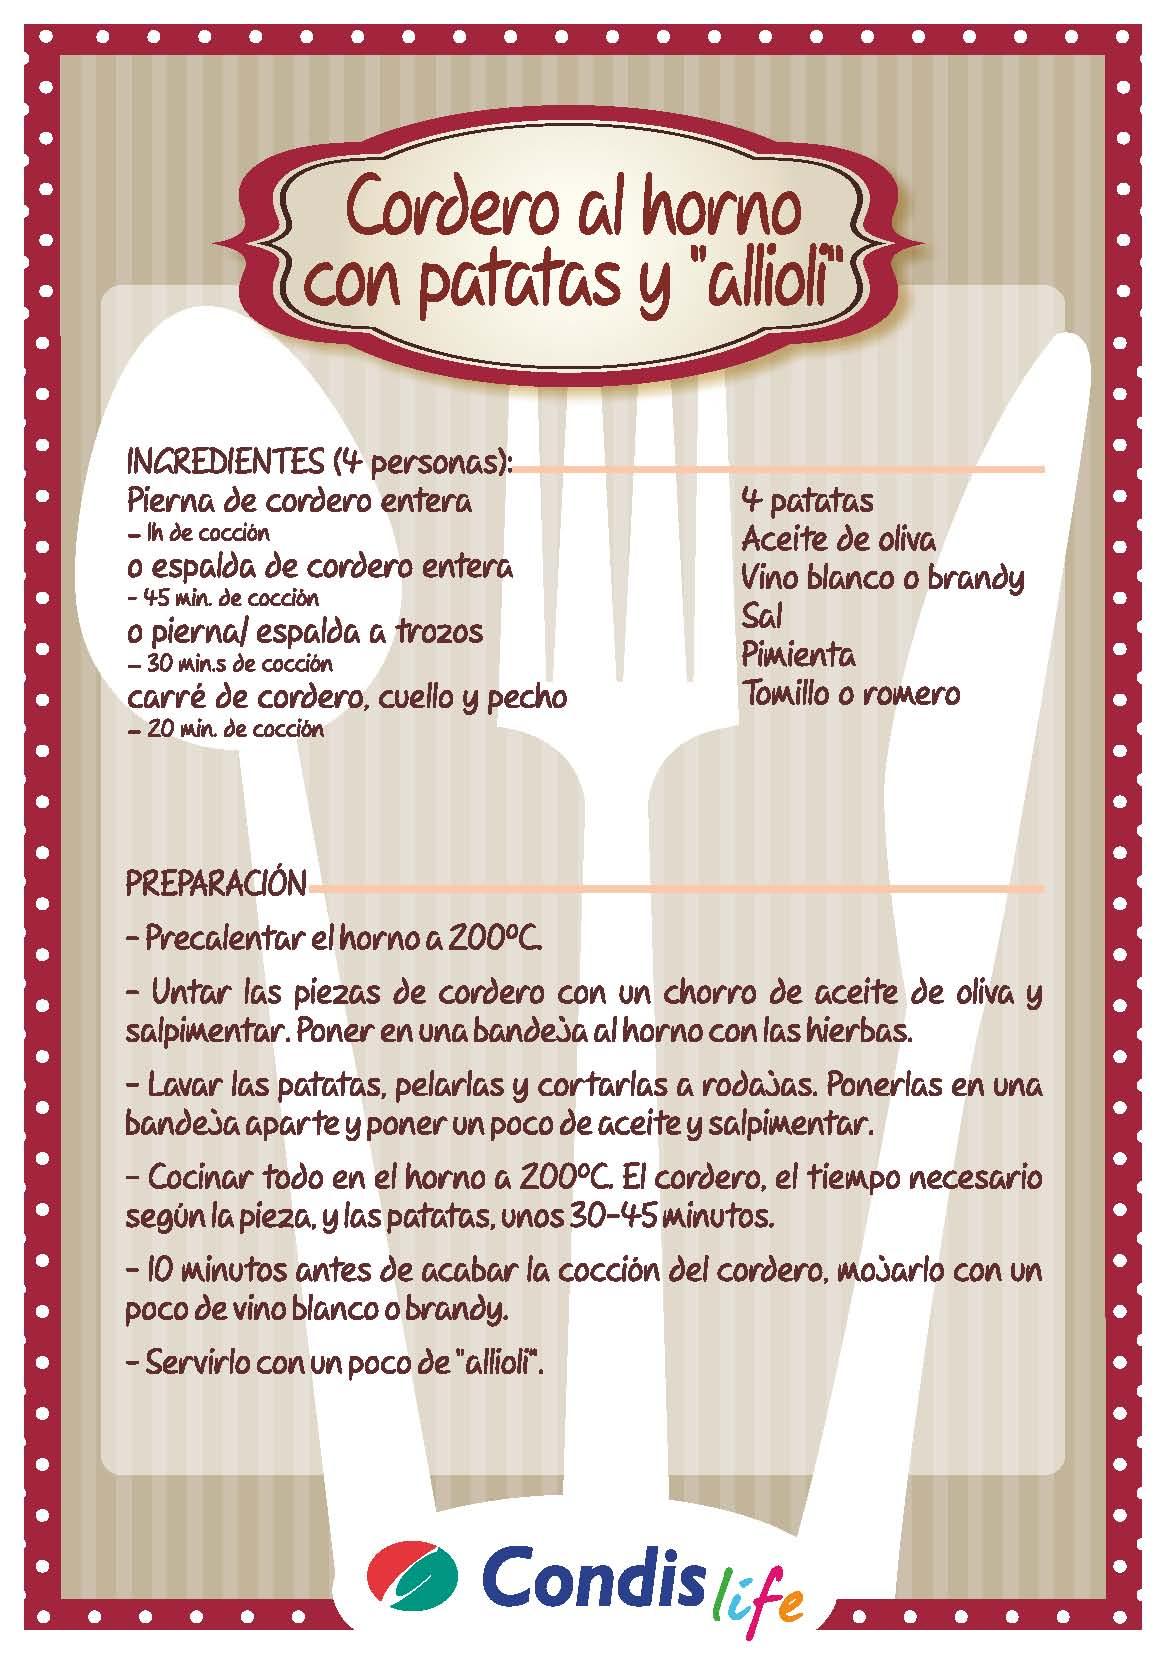 CORDERO_hORNO_PATATAS_ALIOLI